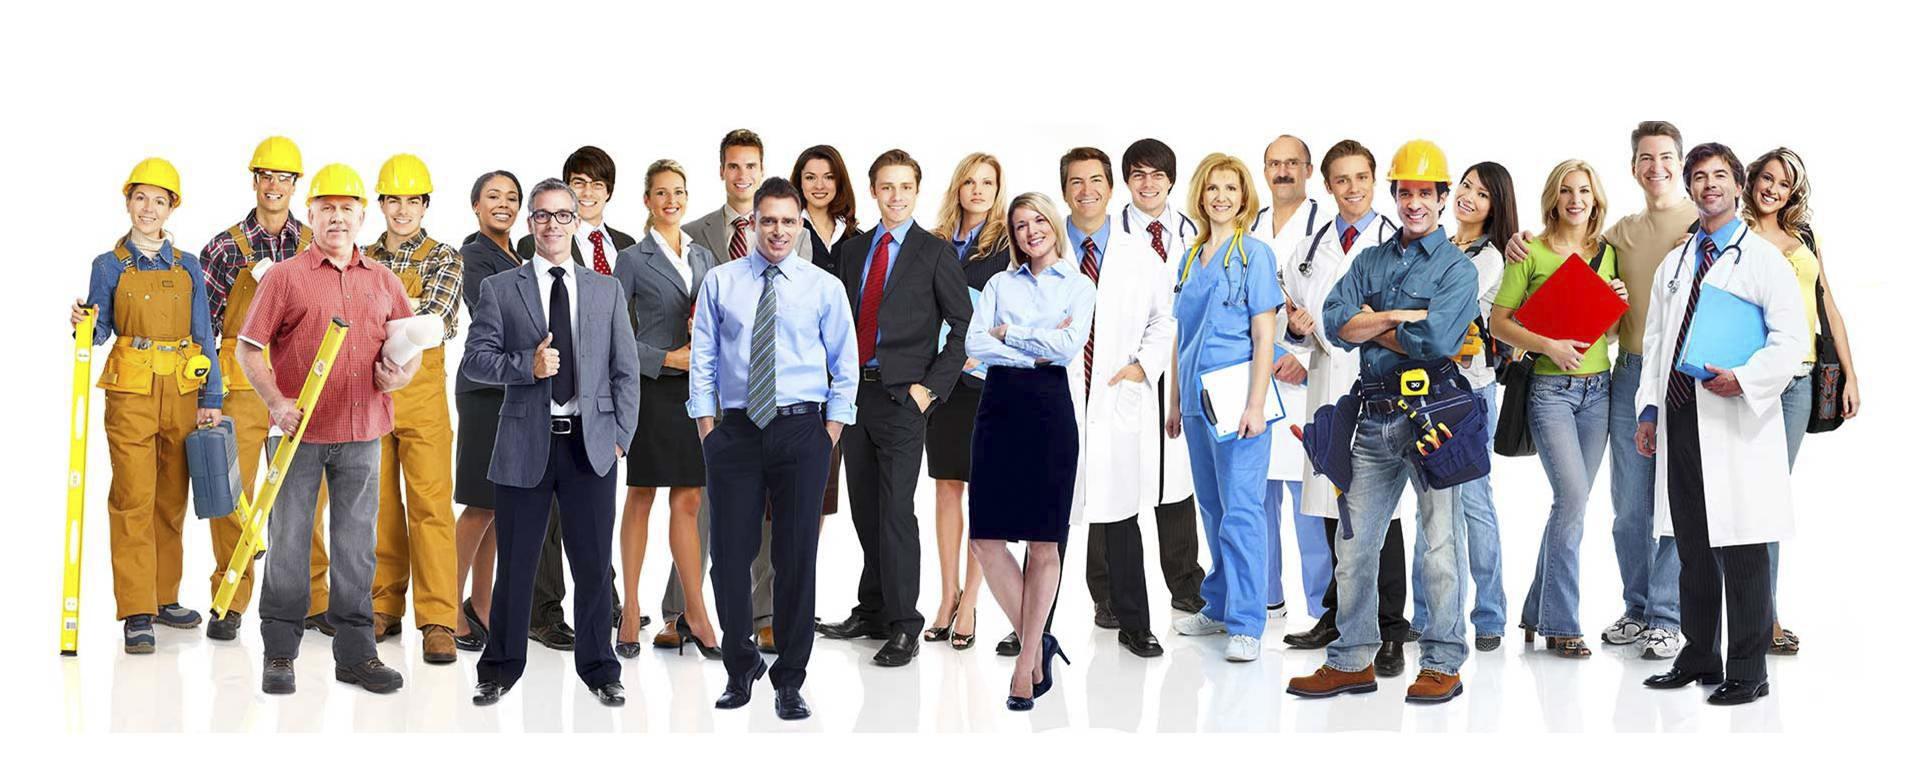 Abbigliamento professionale da lavoro - Geq Italia srl